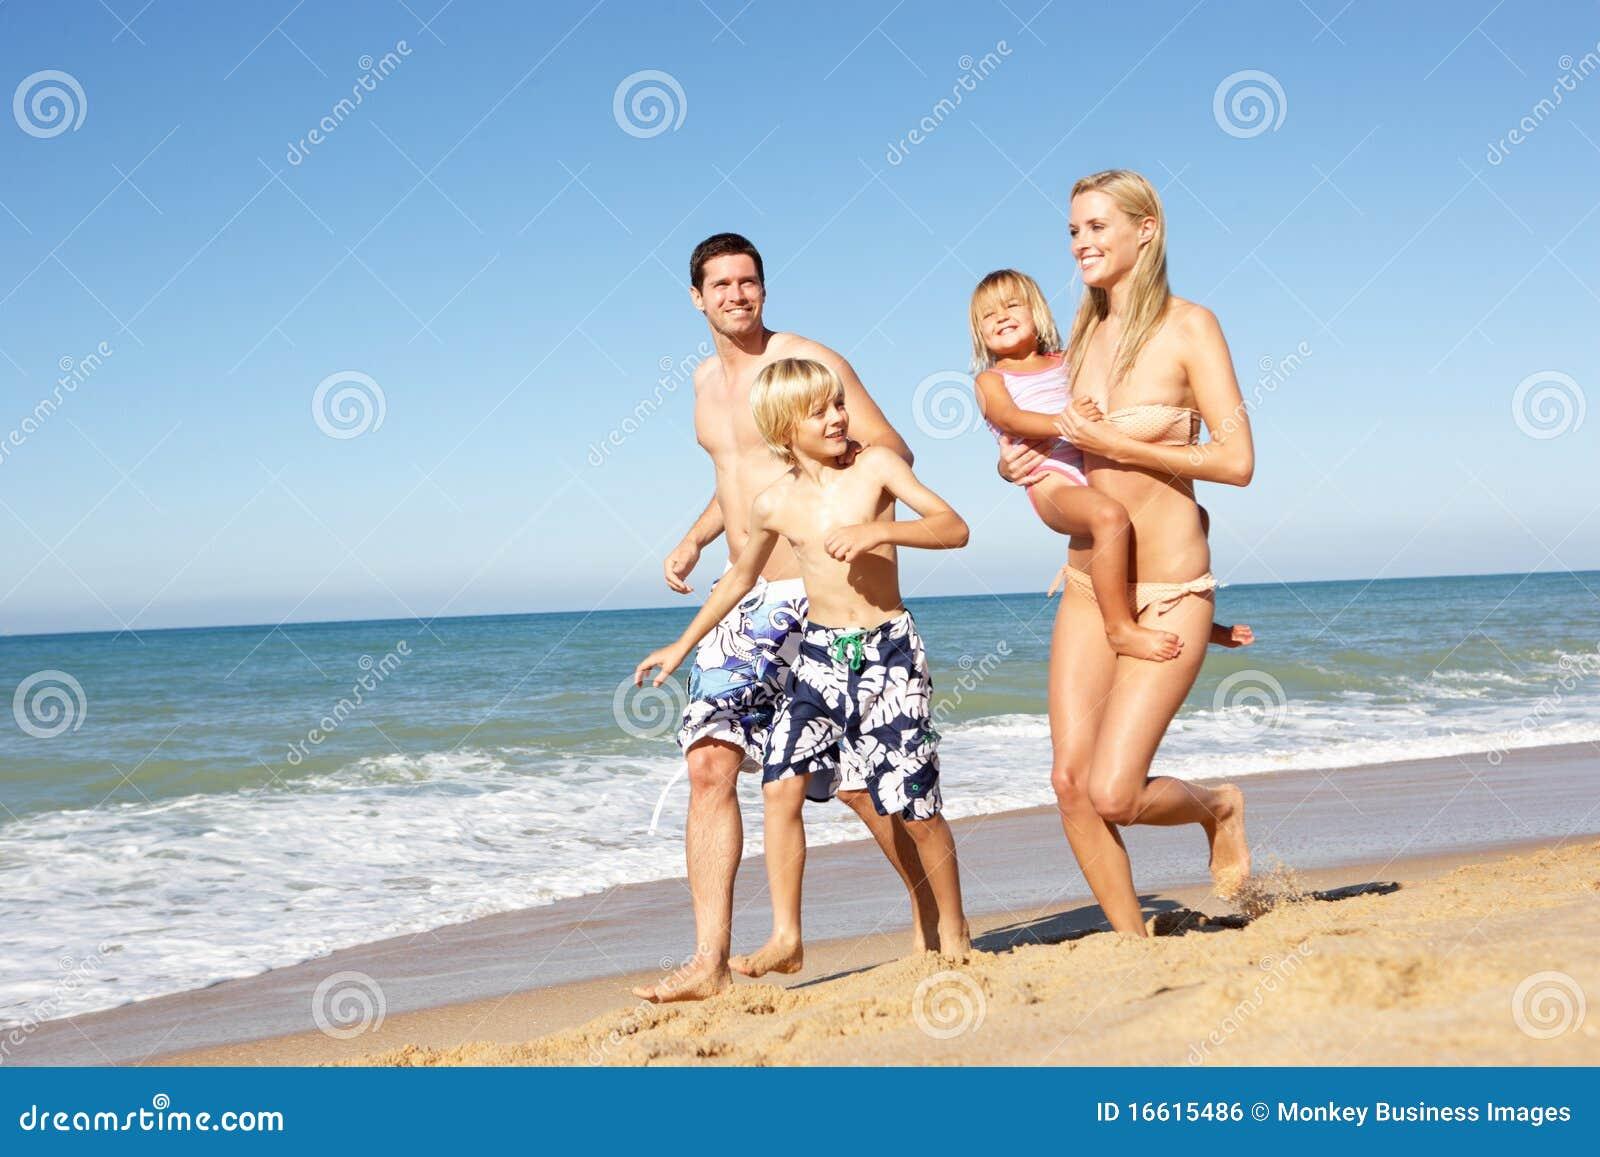 Рассказ секс мамы с сыном на отдыхе, Инцест - Эротический рассказ 24 фотография